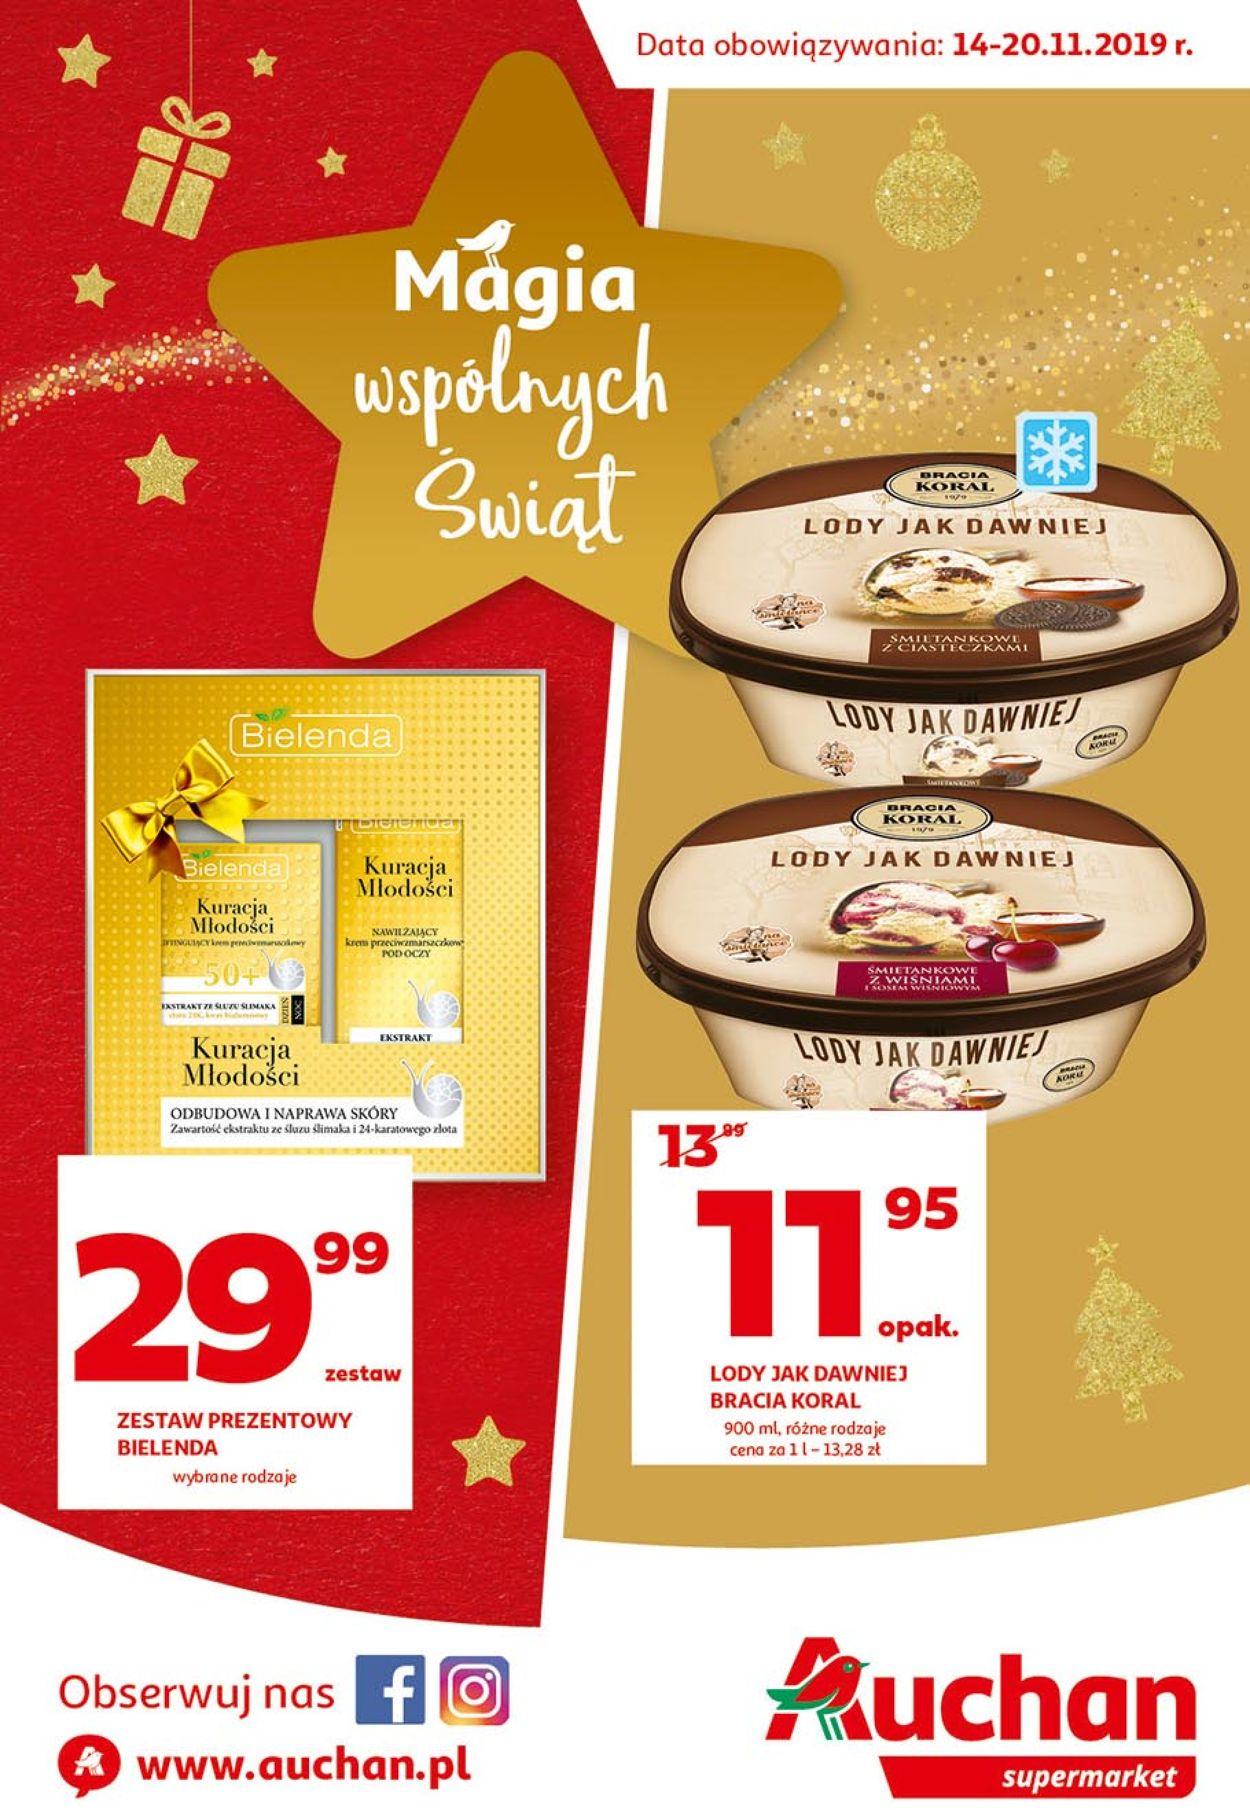 Gazetka promocyjna Auchan - Gazetka Świąteczna 2019 - 14.11-20.11.2019